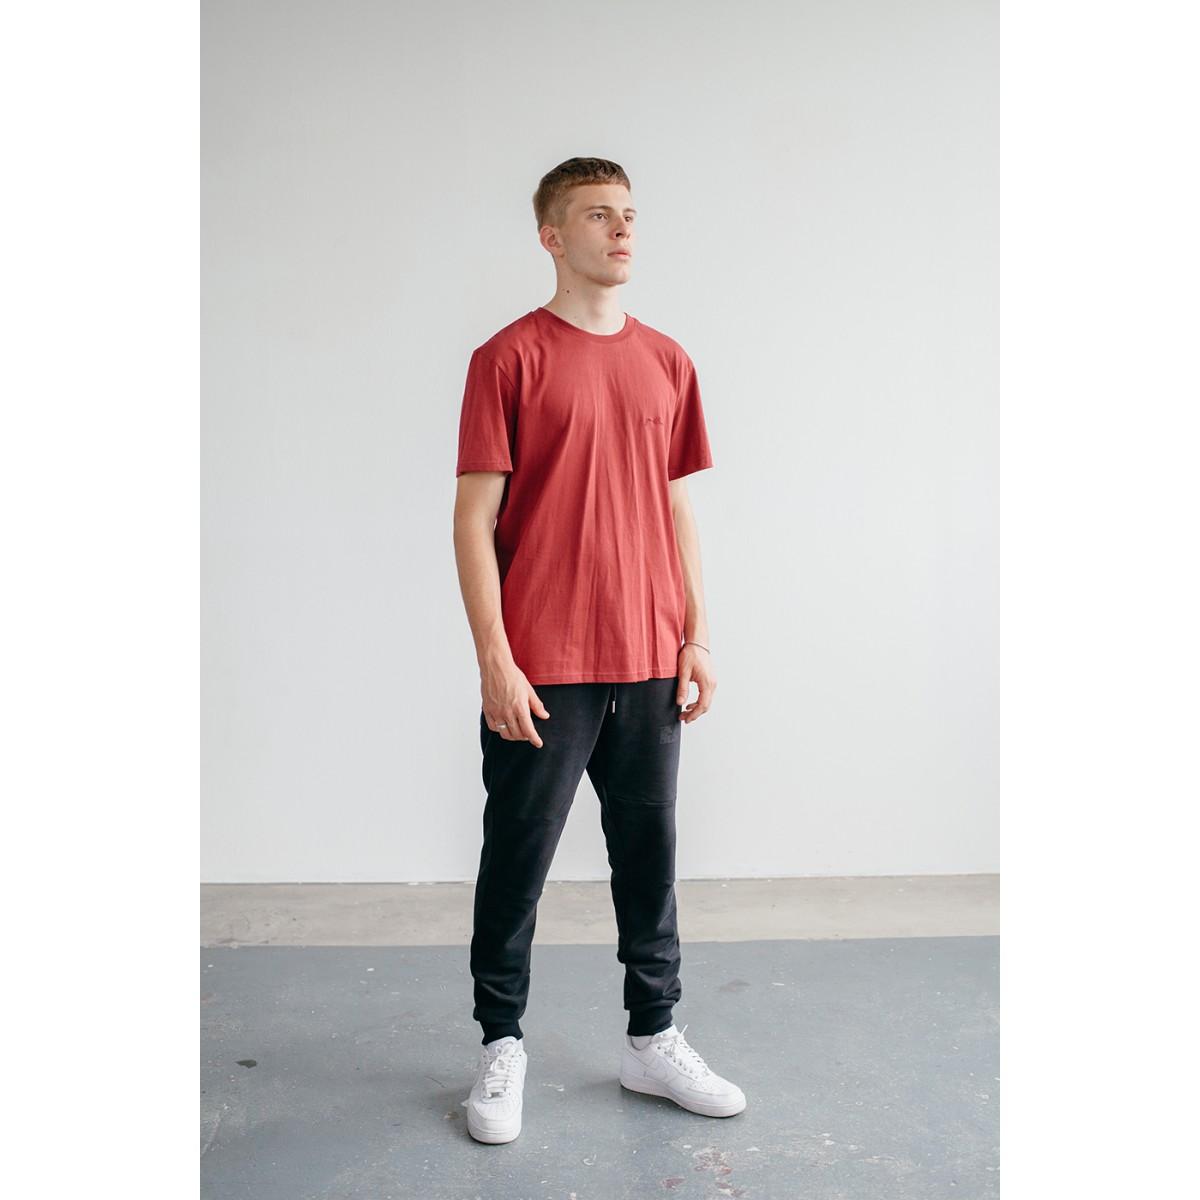 Goodbois Signature T-Shirt burgundy